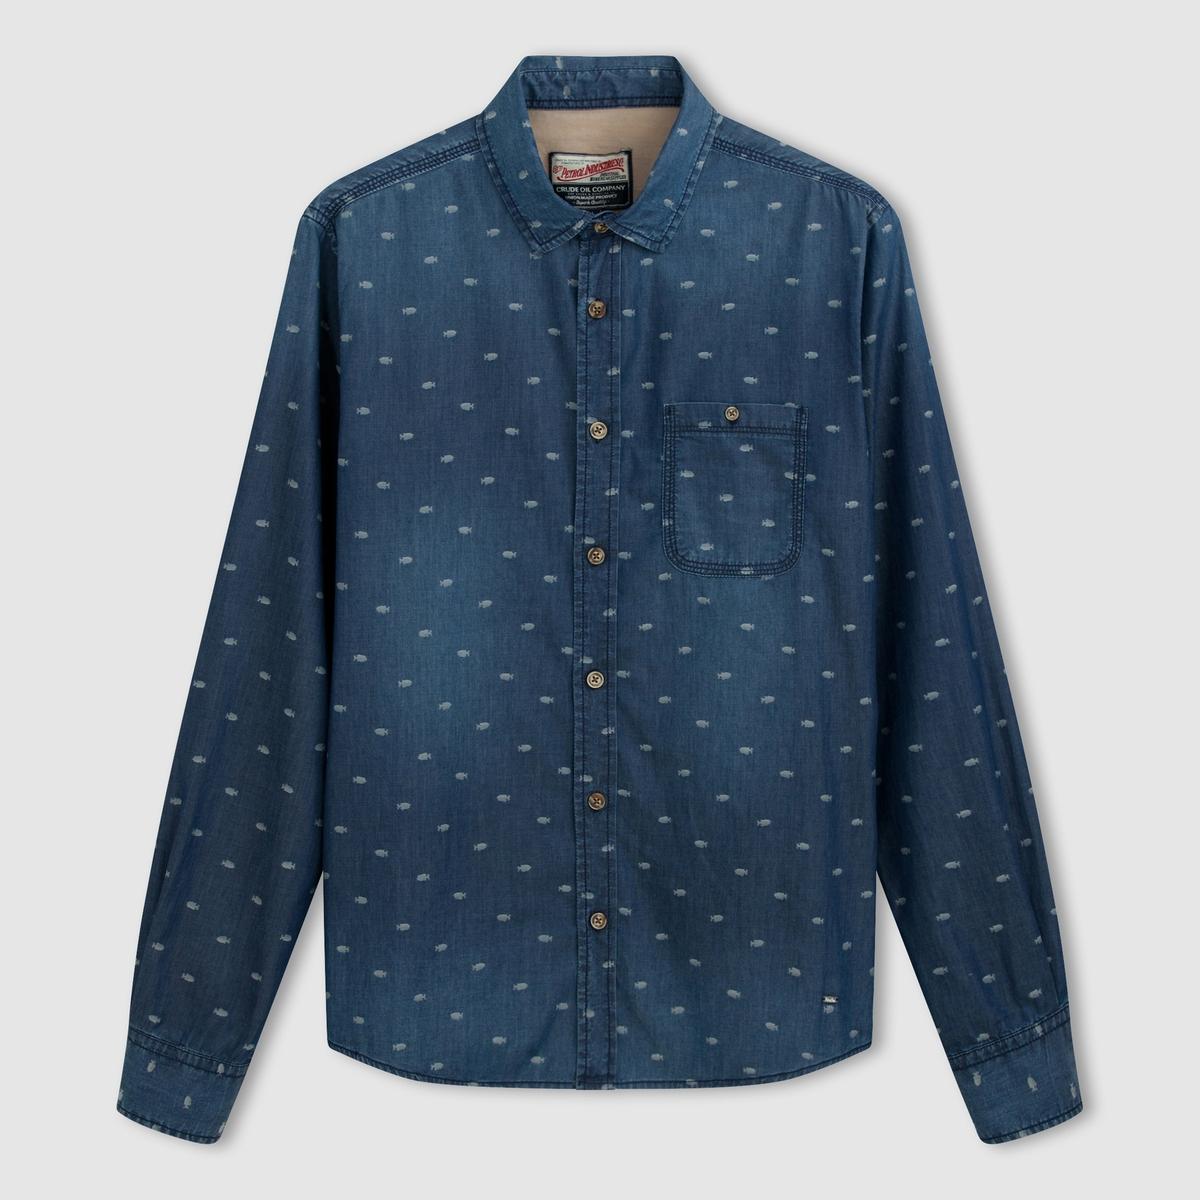 Рубашка с рисункомСостав и описание :                                      Материал : 100% хлопка                                      Марка : PETROL INDUSTRIES.<br><br>Цвет: синий морской<br>Размер: L